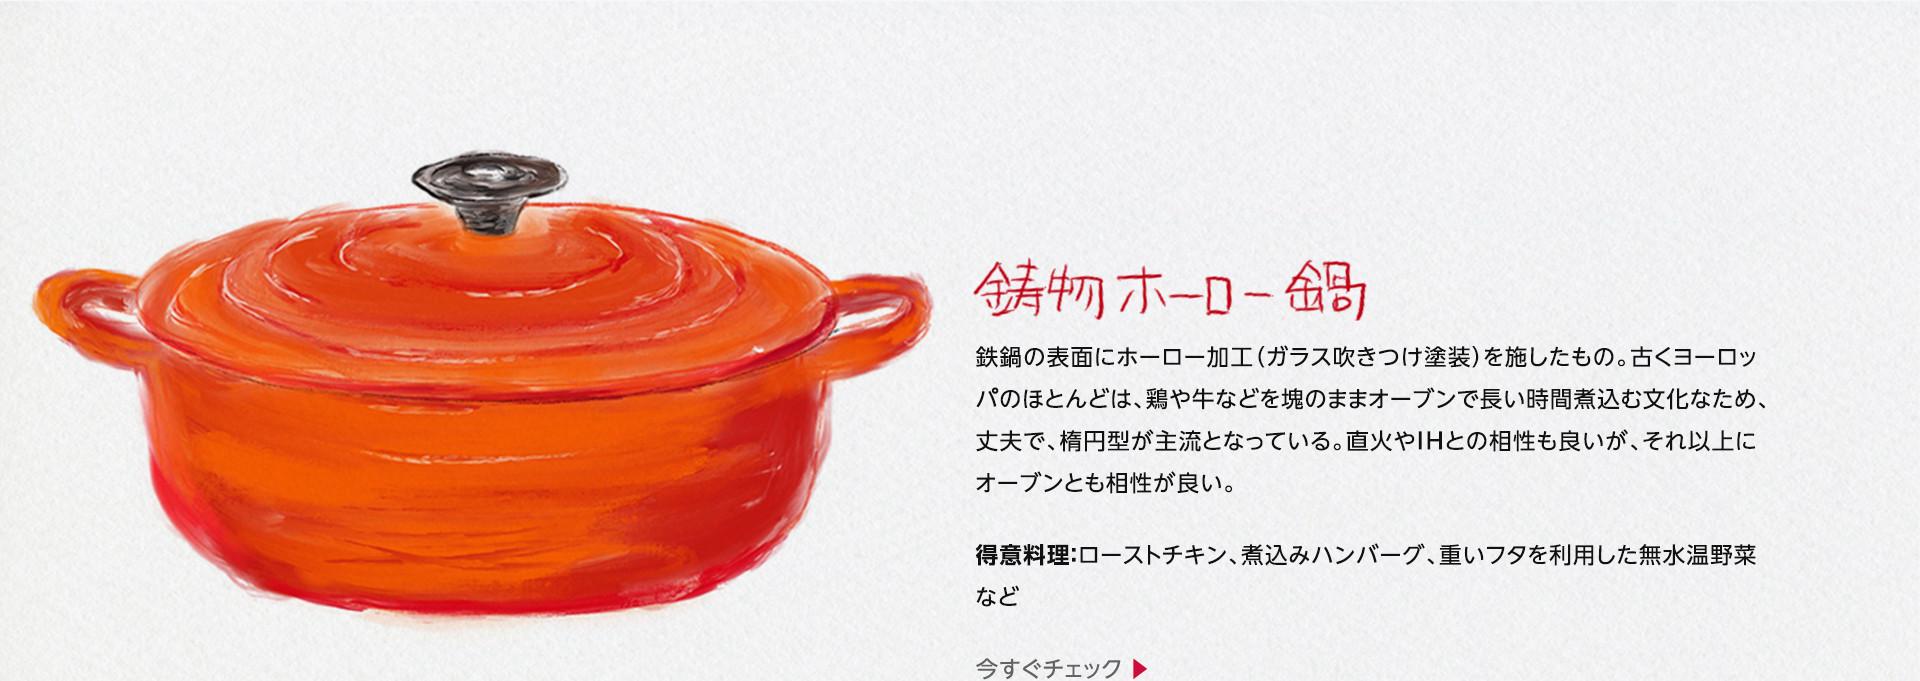 鋳物ホーロー鍋